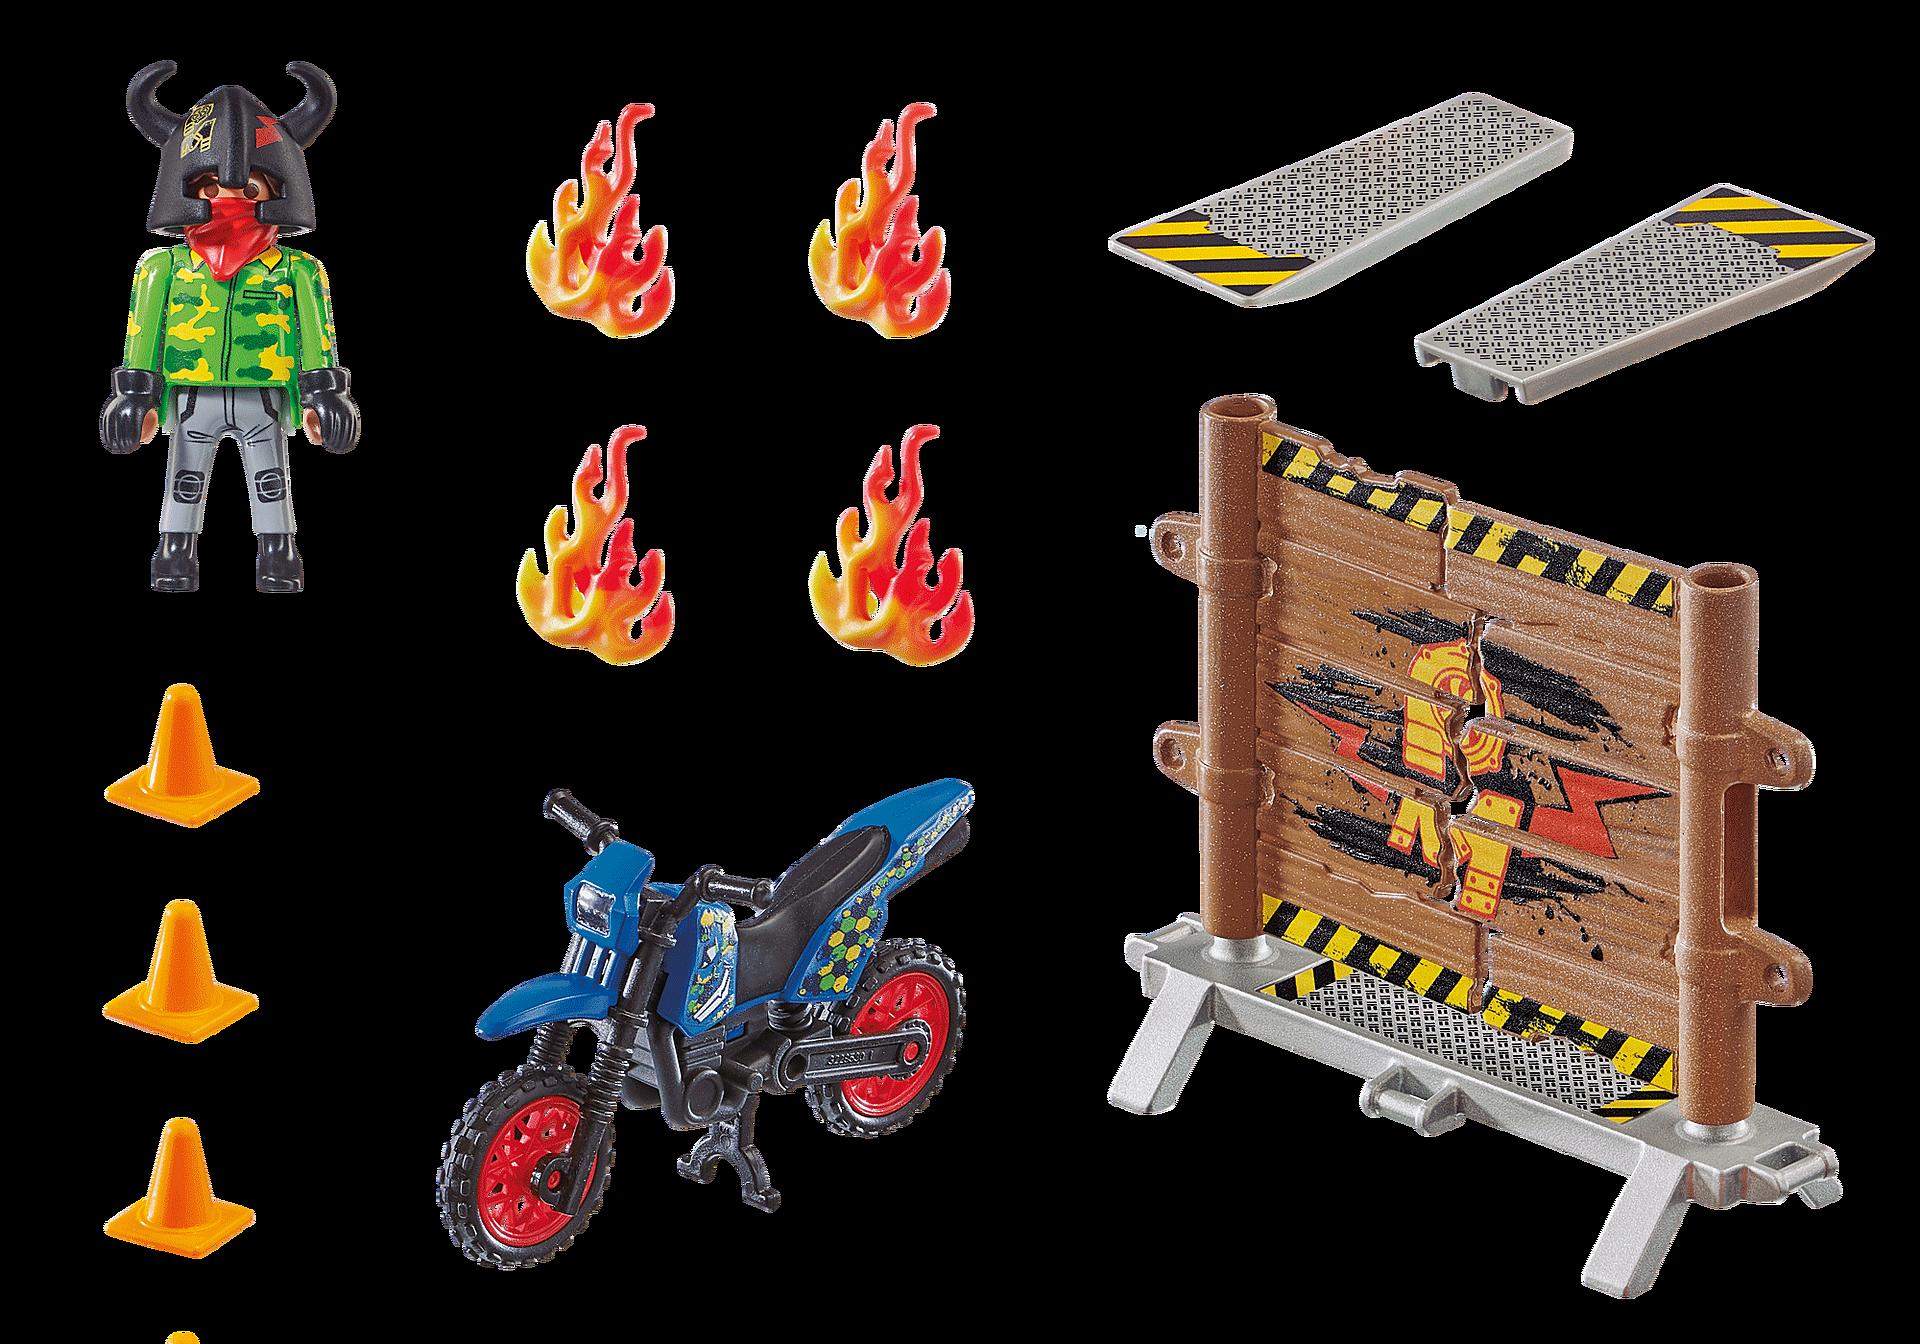 70553 Stuntshow Moto con muro de fuego zoom image3